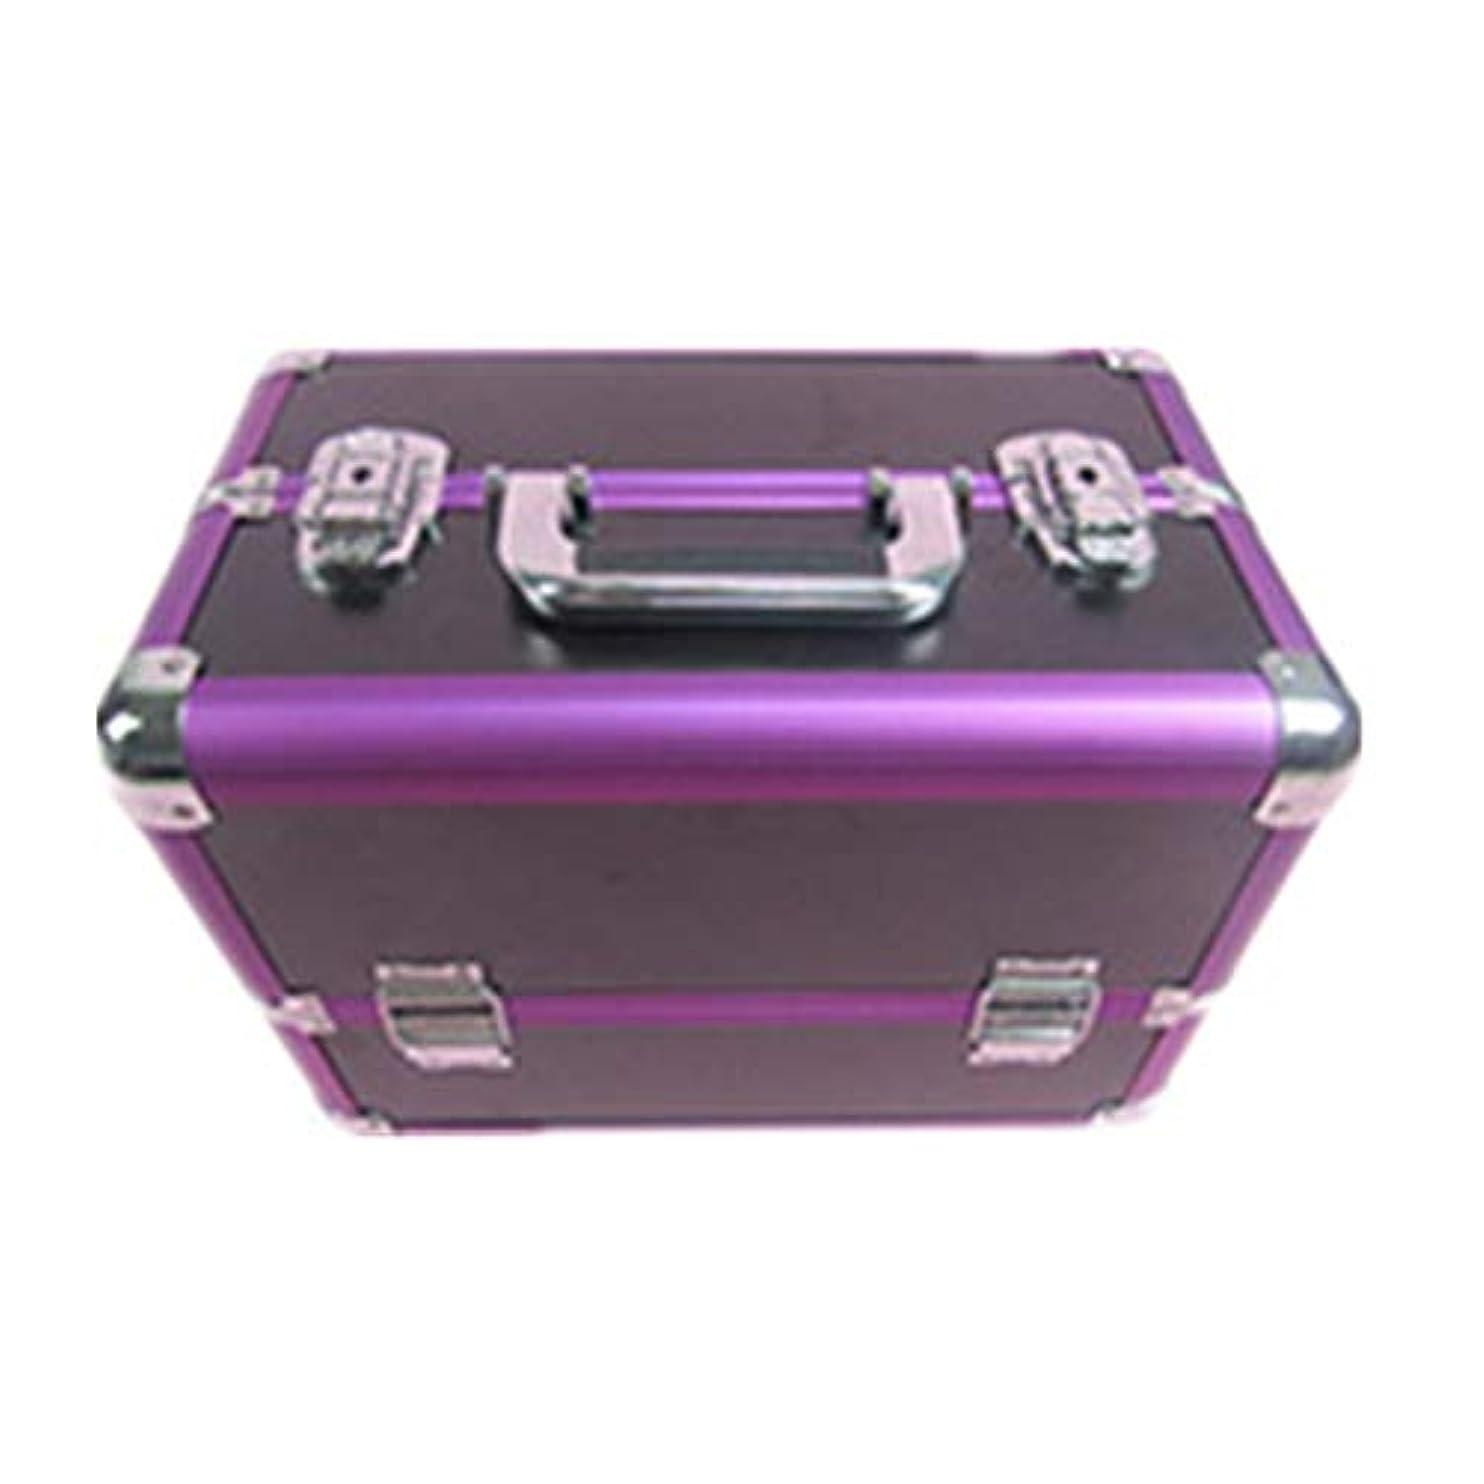 物質区別悩み化粧オーガナイザーバッグ 大容量ポータブル化粧ケース(トラベルアクセサリー用)シャンプーボディウォッシュパーソナルアイテム収納トレイ(エクステンショントレイ付) 化粧品ケース